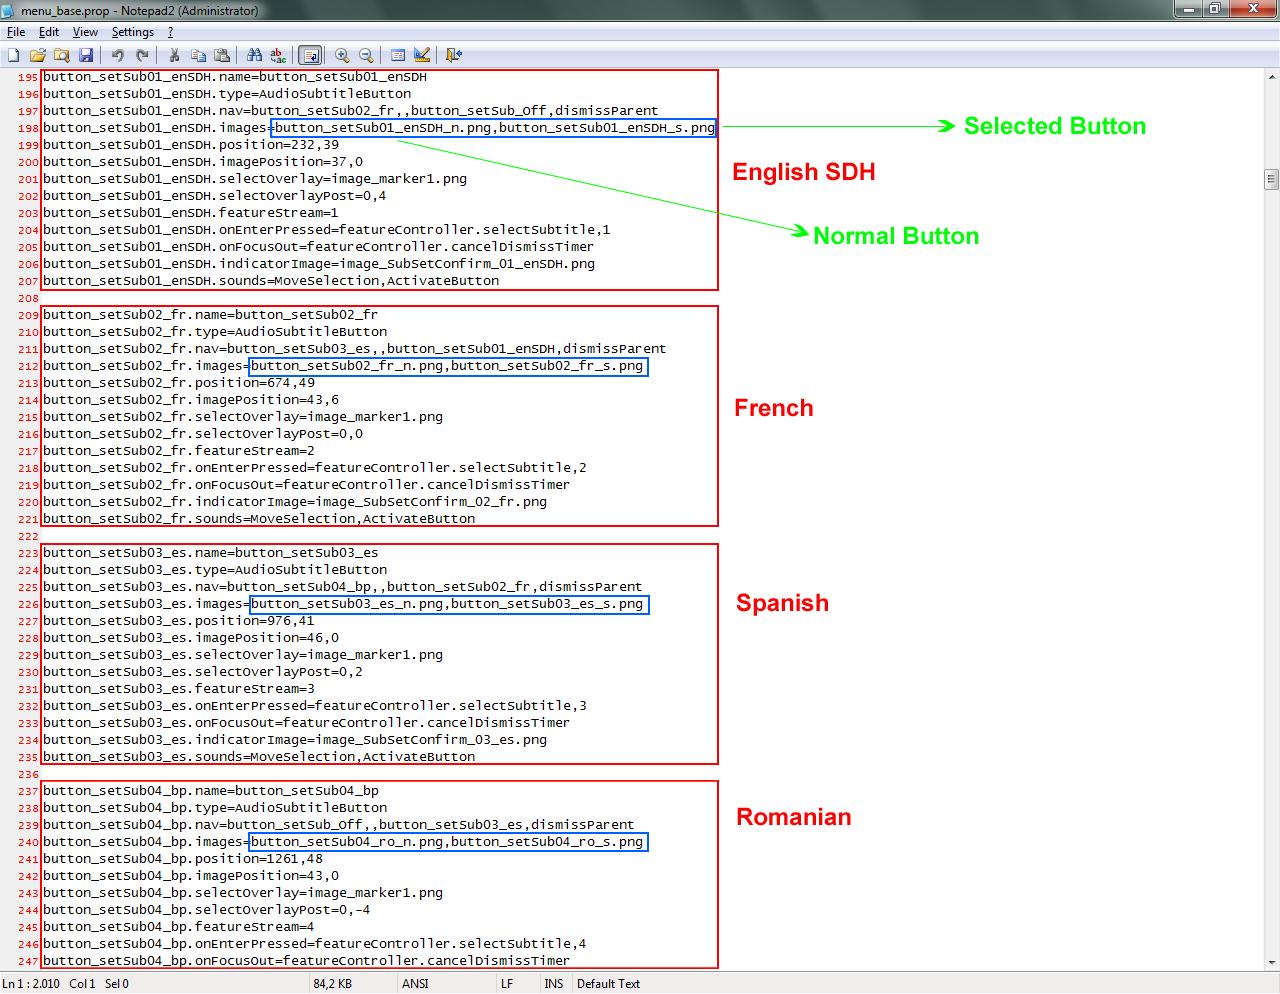 menu_same_coordinates_1_prop.png